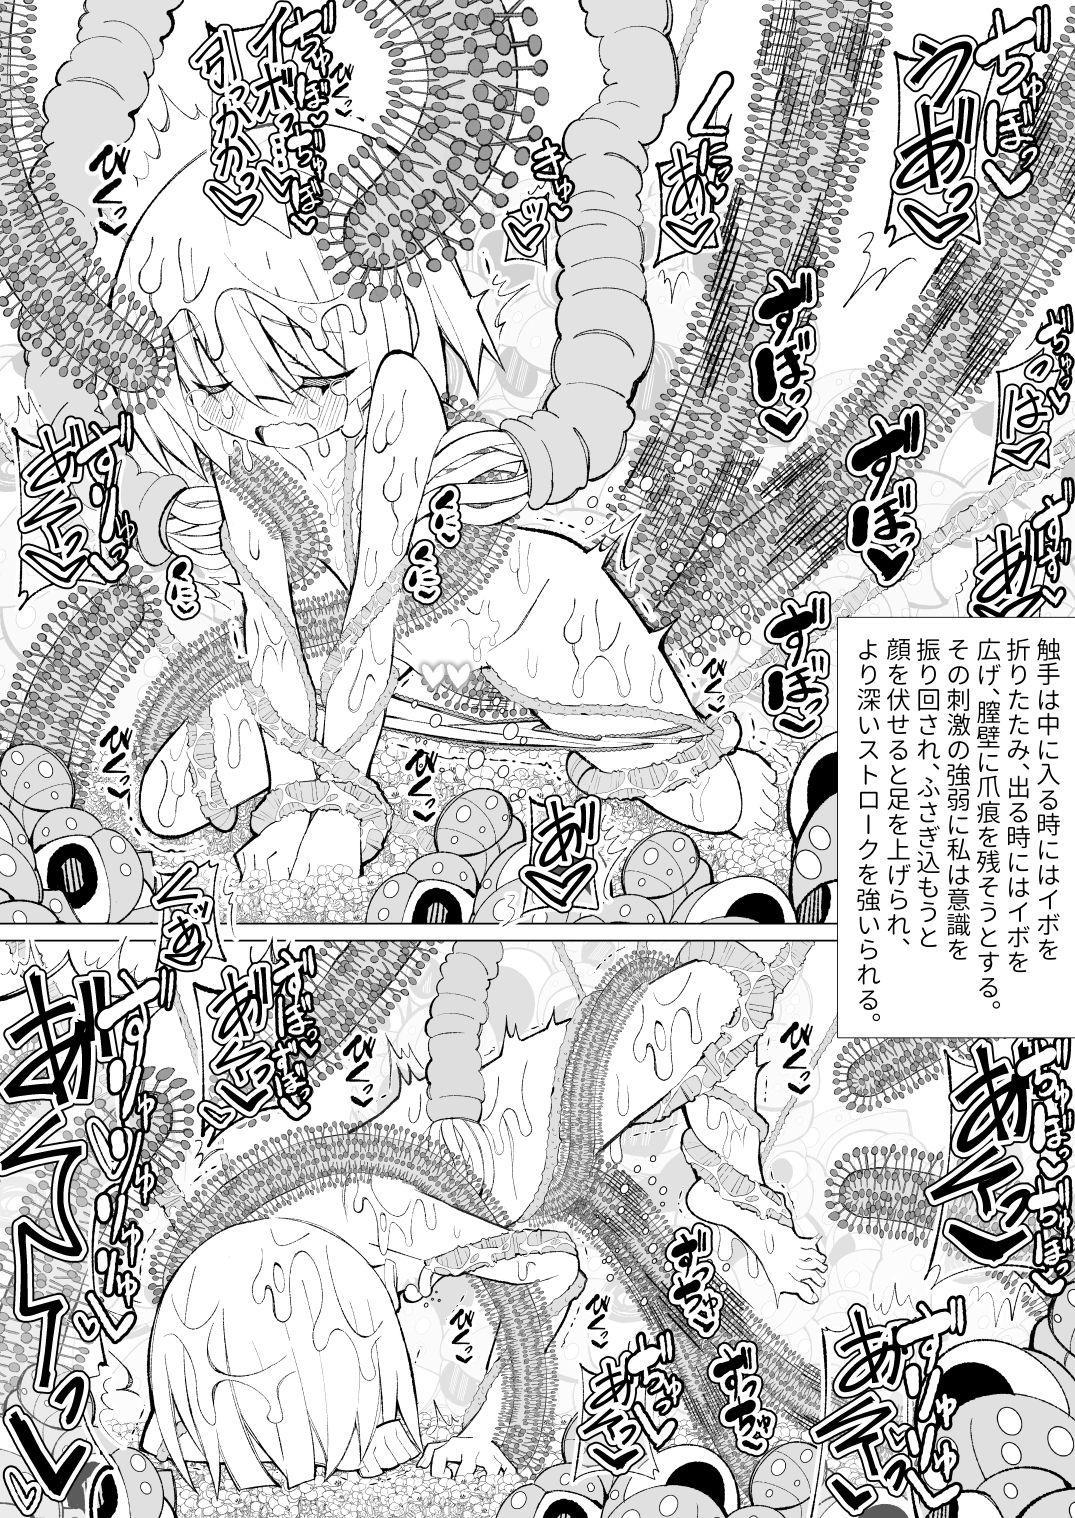 Ishu kan fūzoku-gai3 shokubutsu shokushu × rori 48